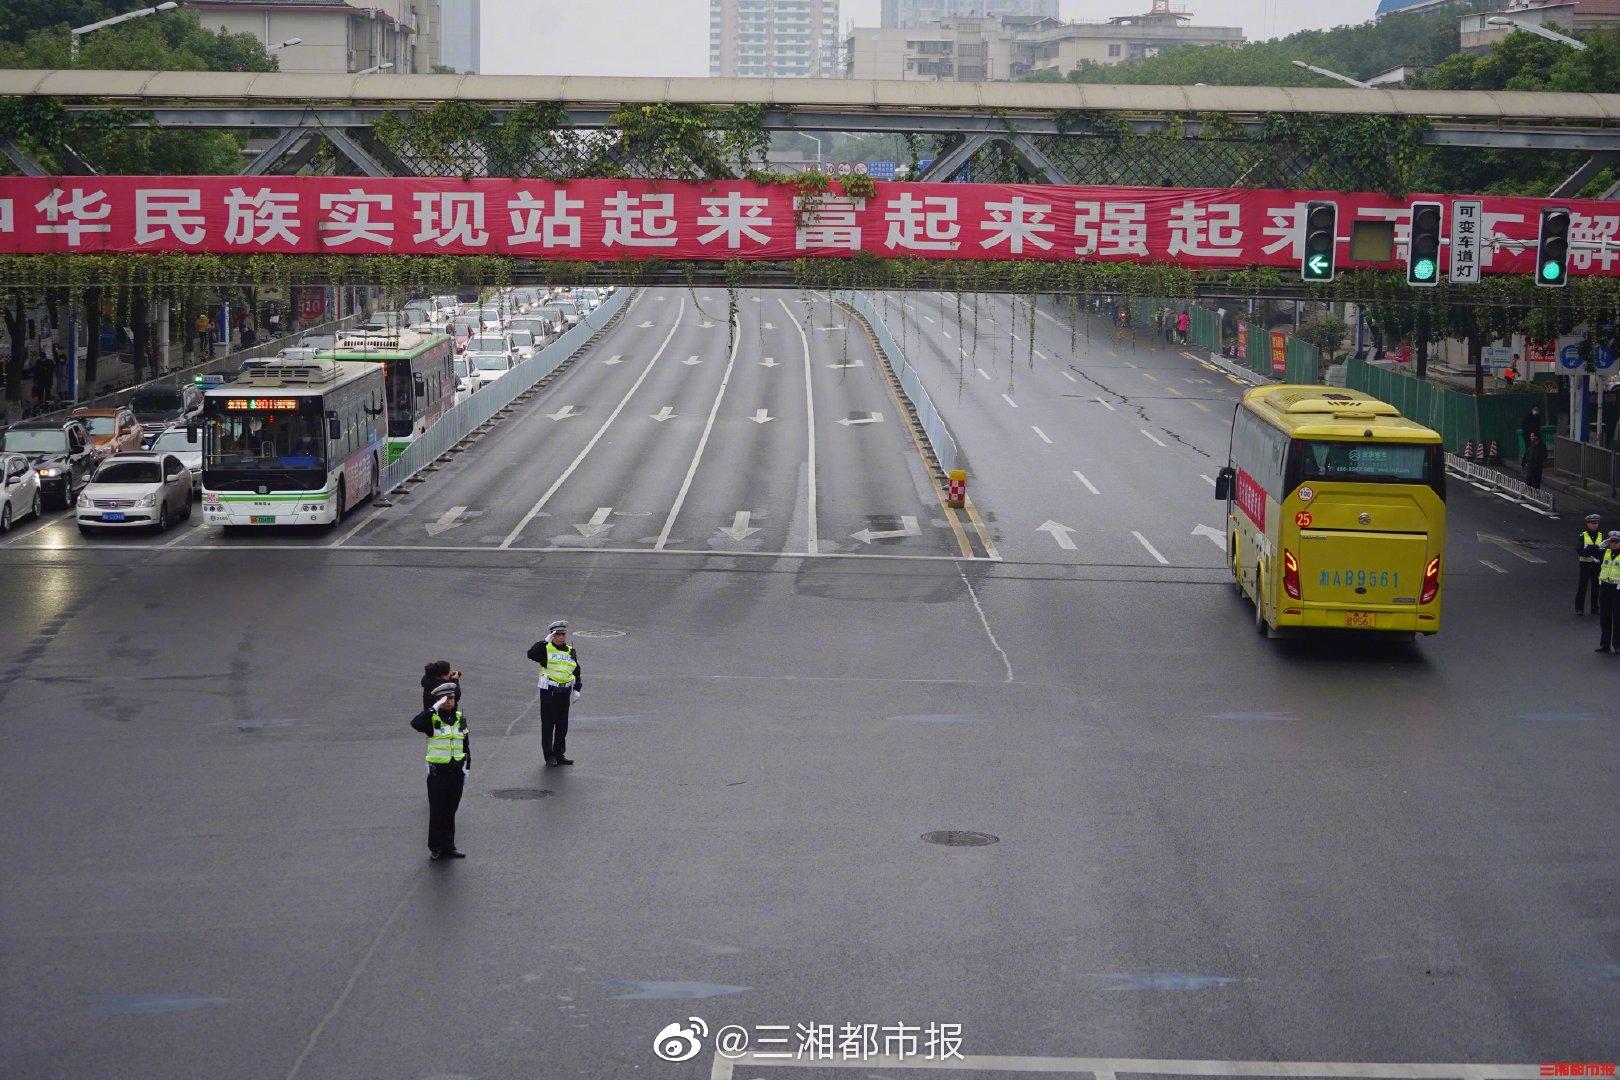 11月30日 7时47分 ,车队经过营盘路蔡锷路口